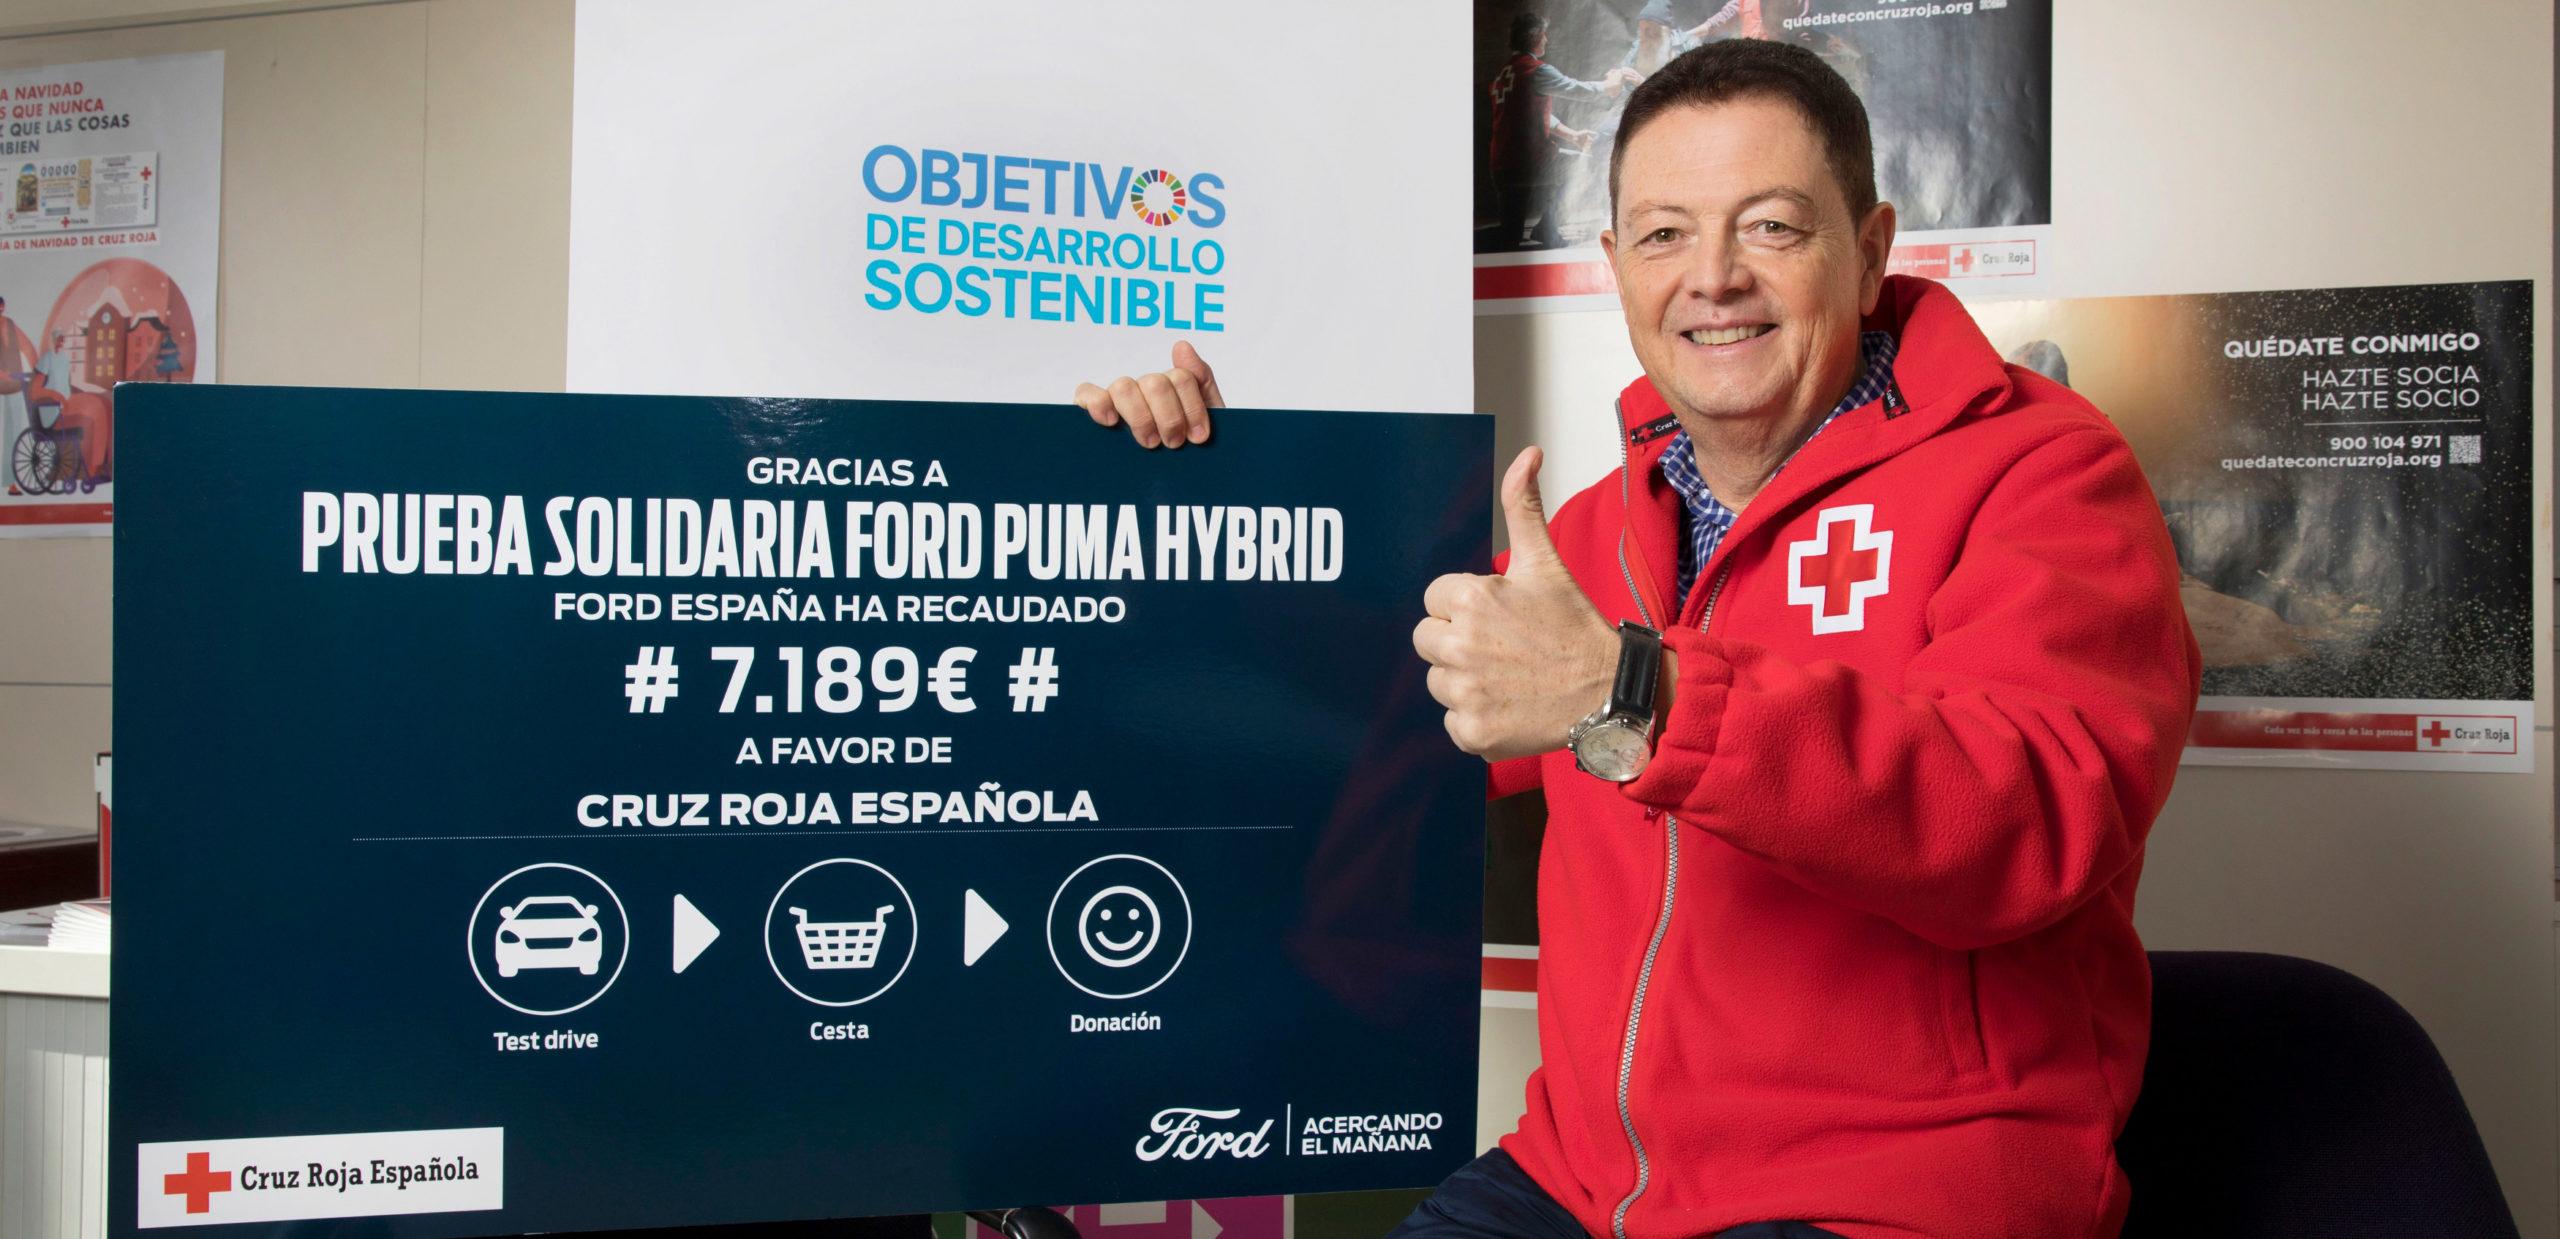 Ford España colabora estrechamente con Cruz Roja Española